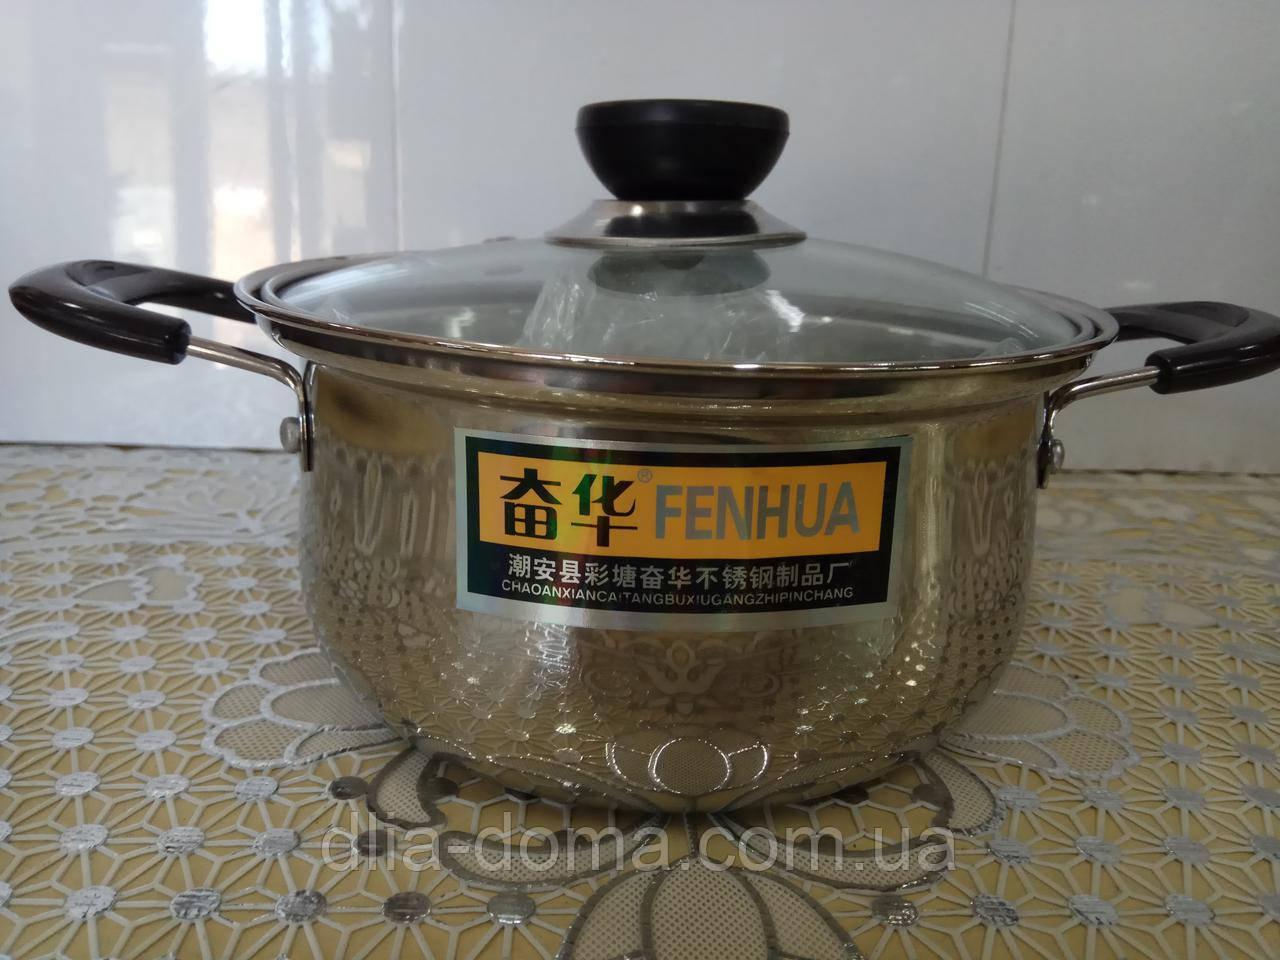 Кастрюля объем 1 литр, диаметр 16 см,нержавеющая сталь